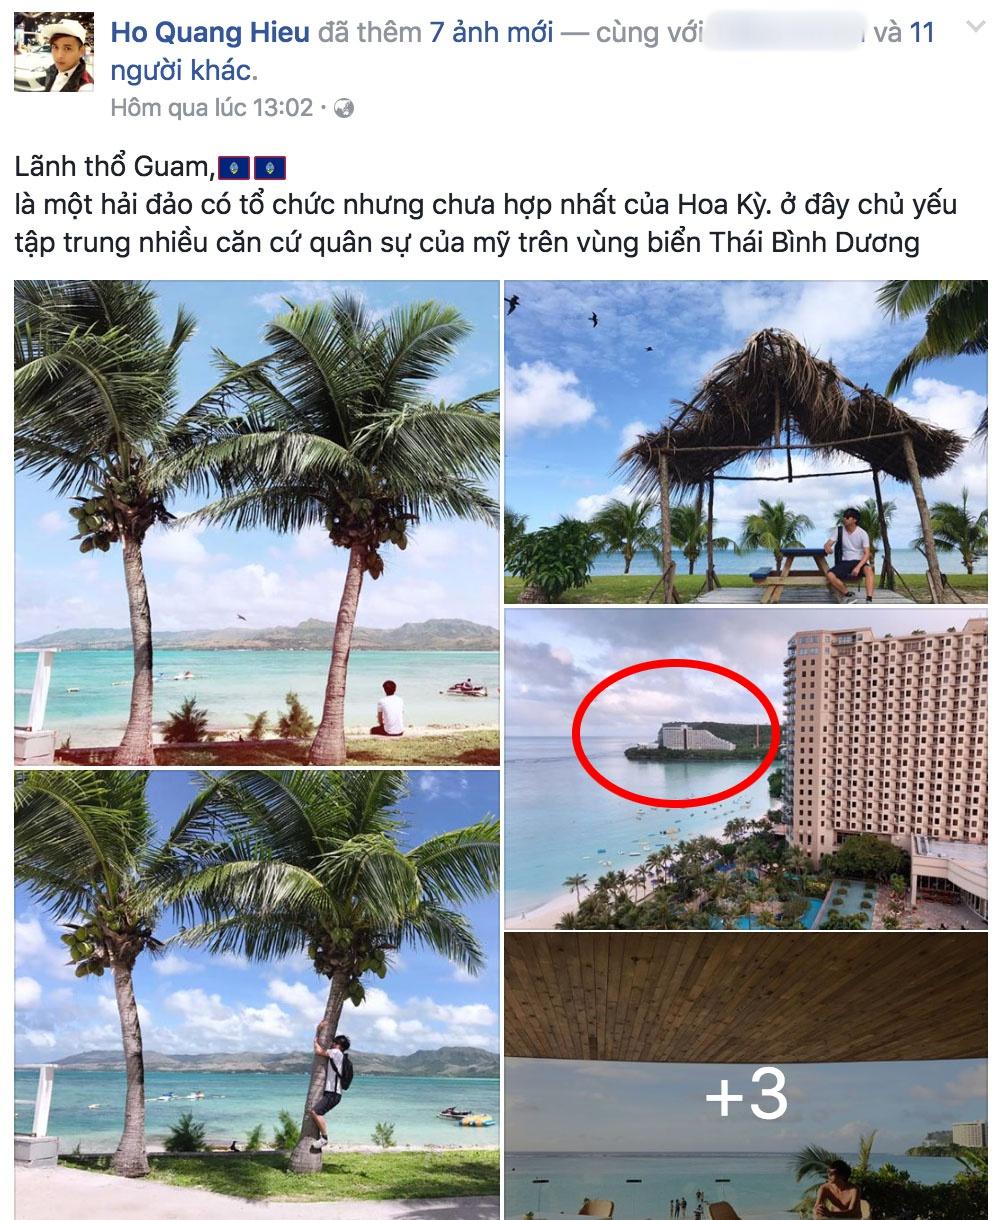 Hồ Quang Hiếu, Bảo Anh khoe khéo ảnh du lịch cùng nhau, xóa tan tin đồn bất hòa - Ảnh 2.